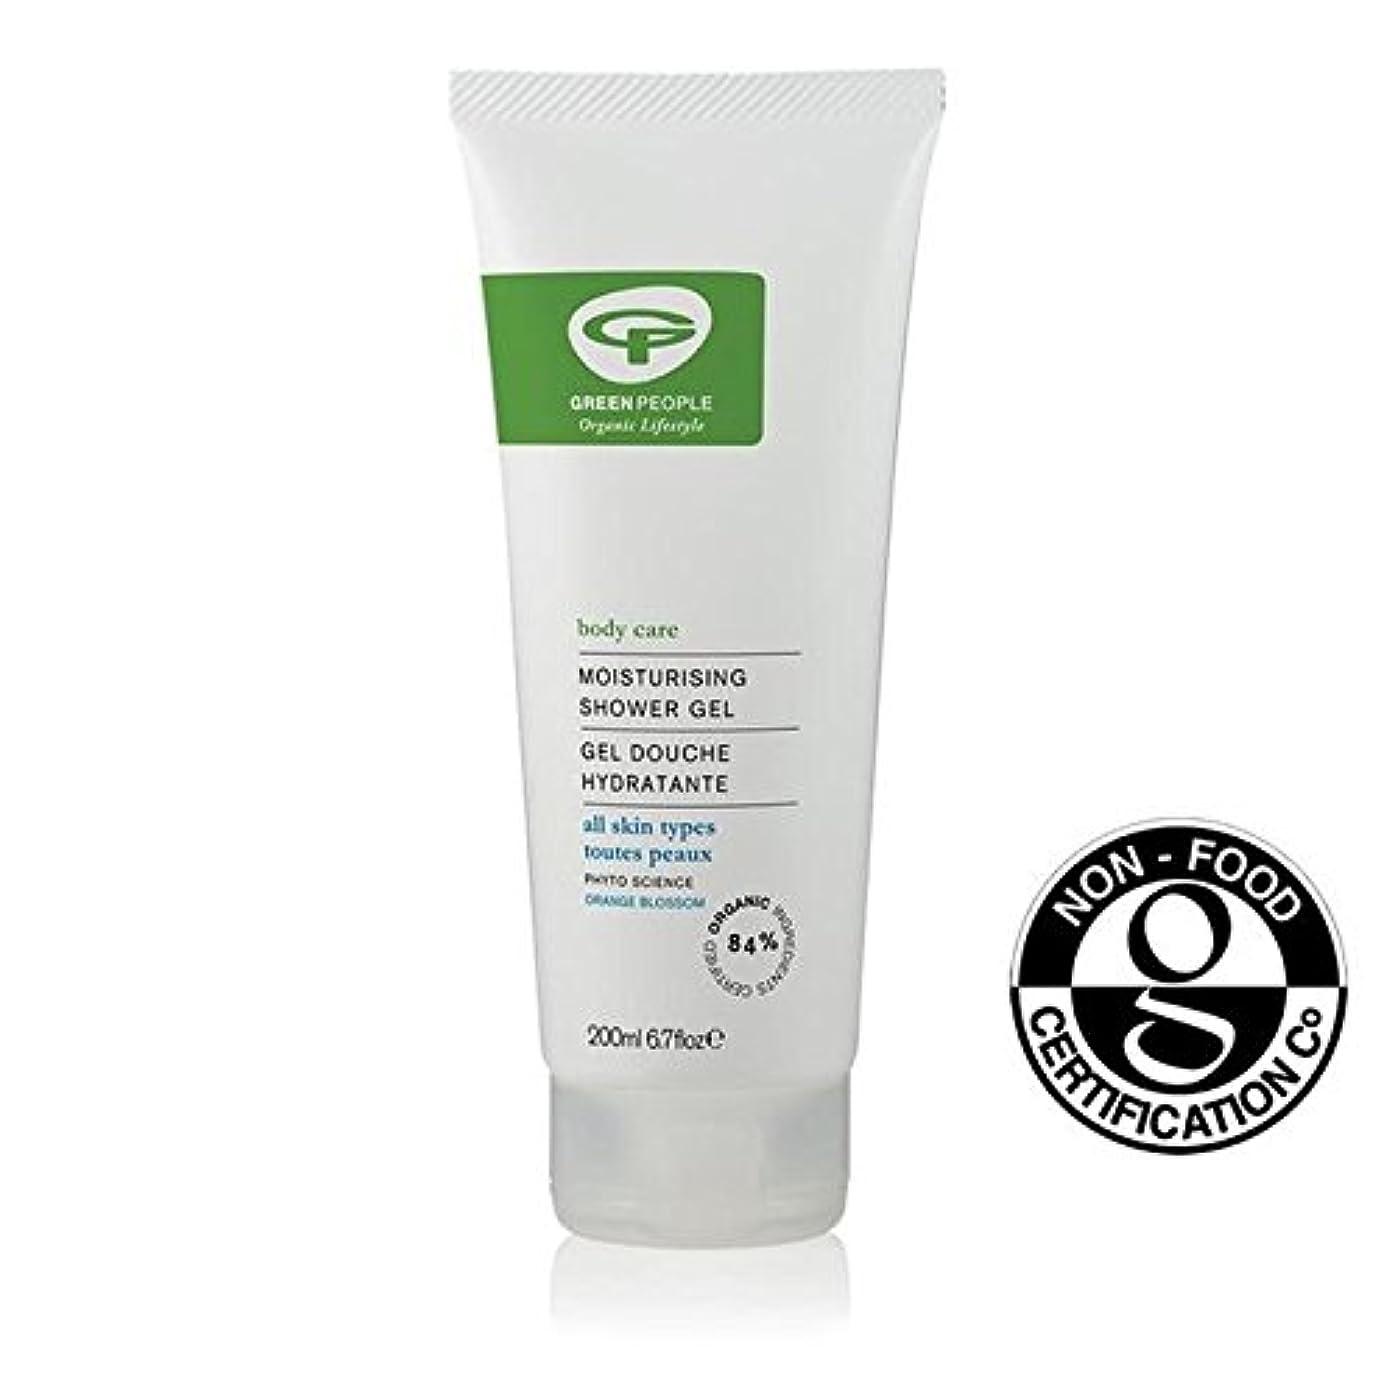 ポーズ調整するランプ緑の人々の有機保湿シャワージェル200 x4 - Green People Organic Moisturising Shower Gel 200ml (Pack of 4) [並行輸入品]